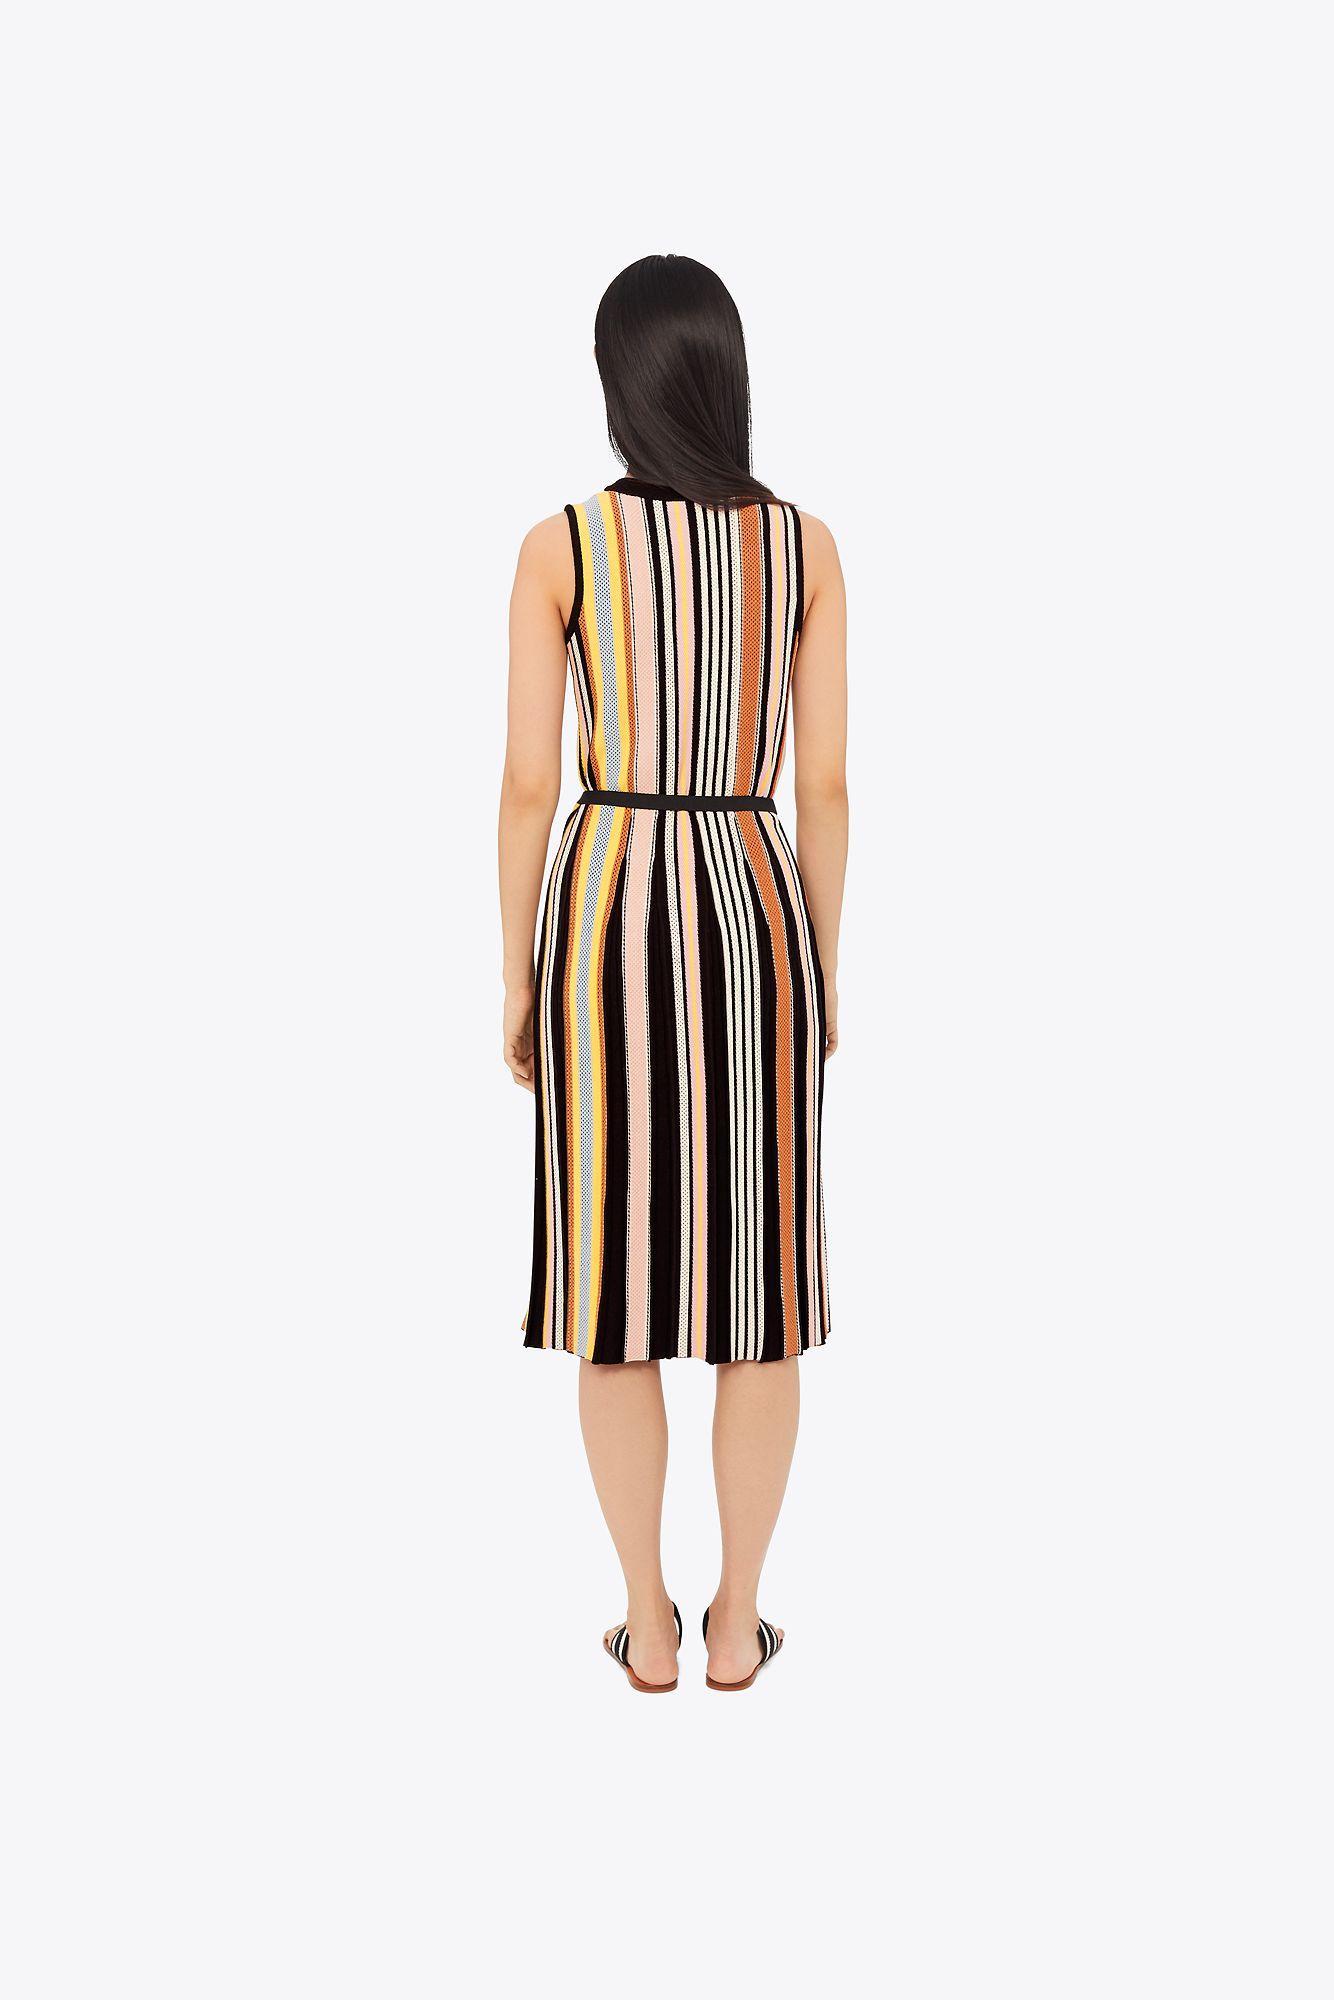 b3fd09b56fc Tory Burch - Black Striped Sweater Dress - Lyst. View fullscreen